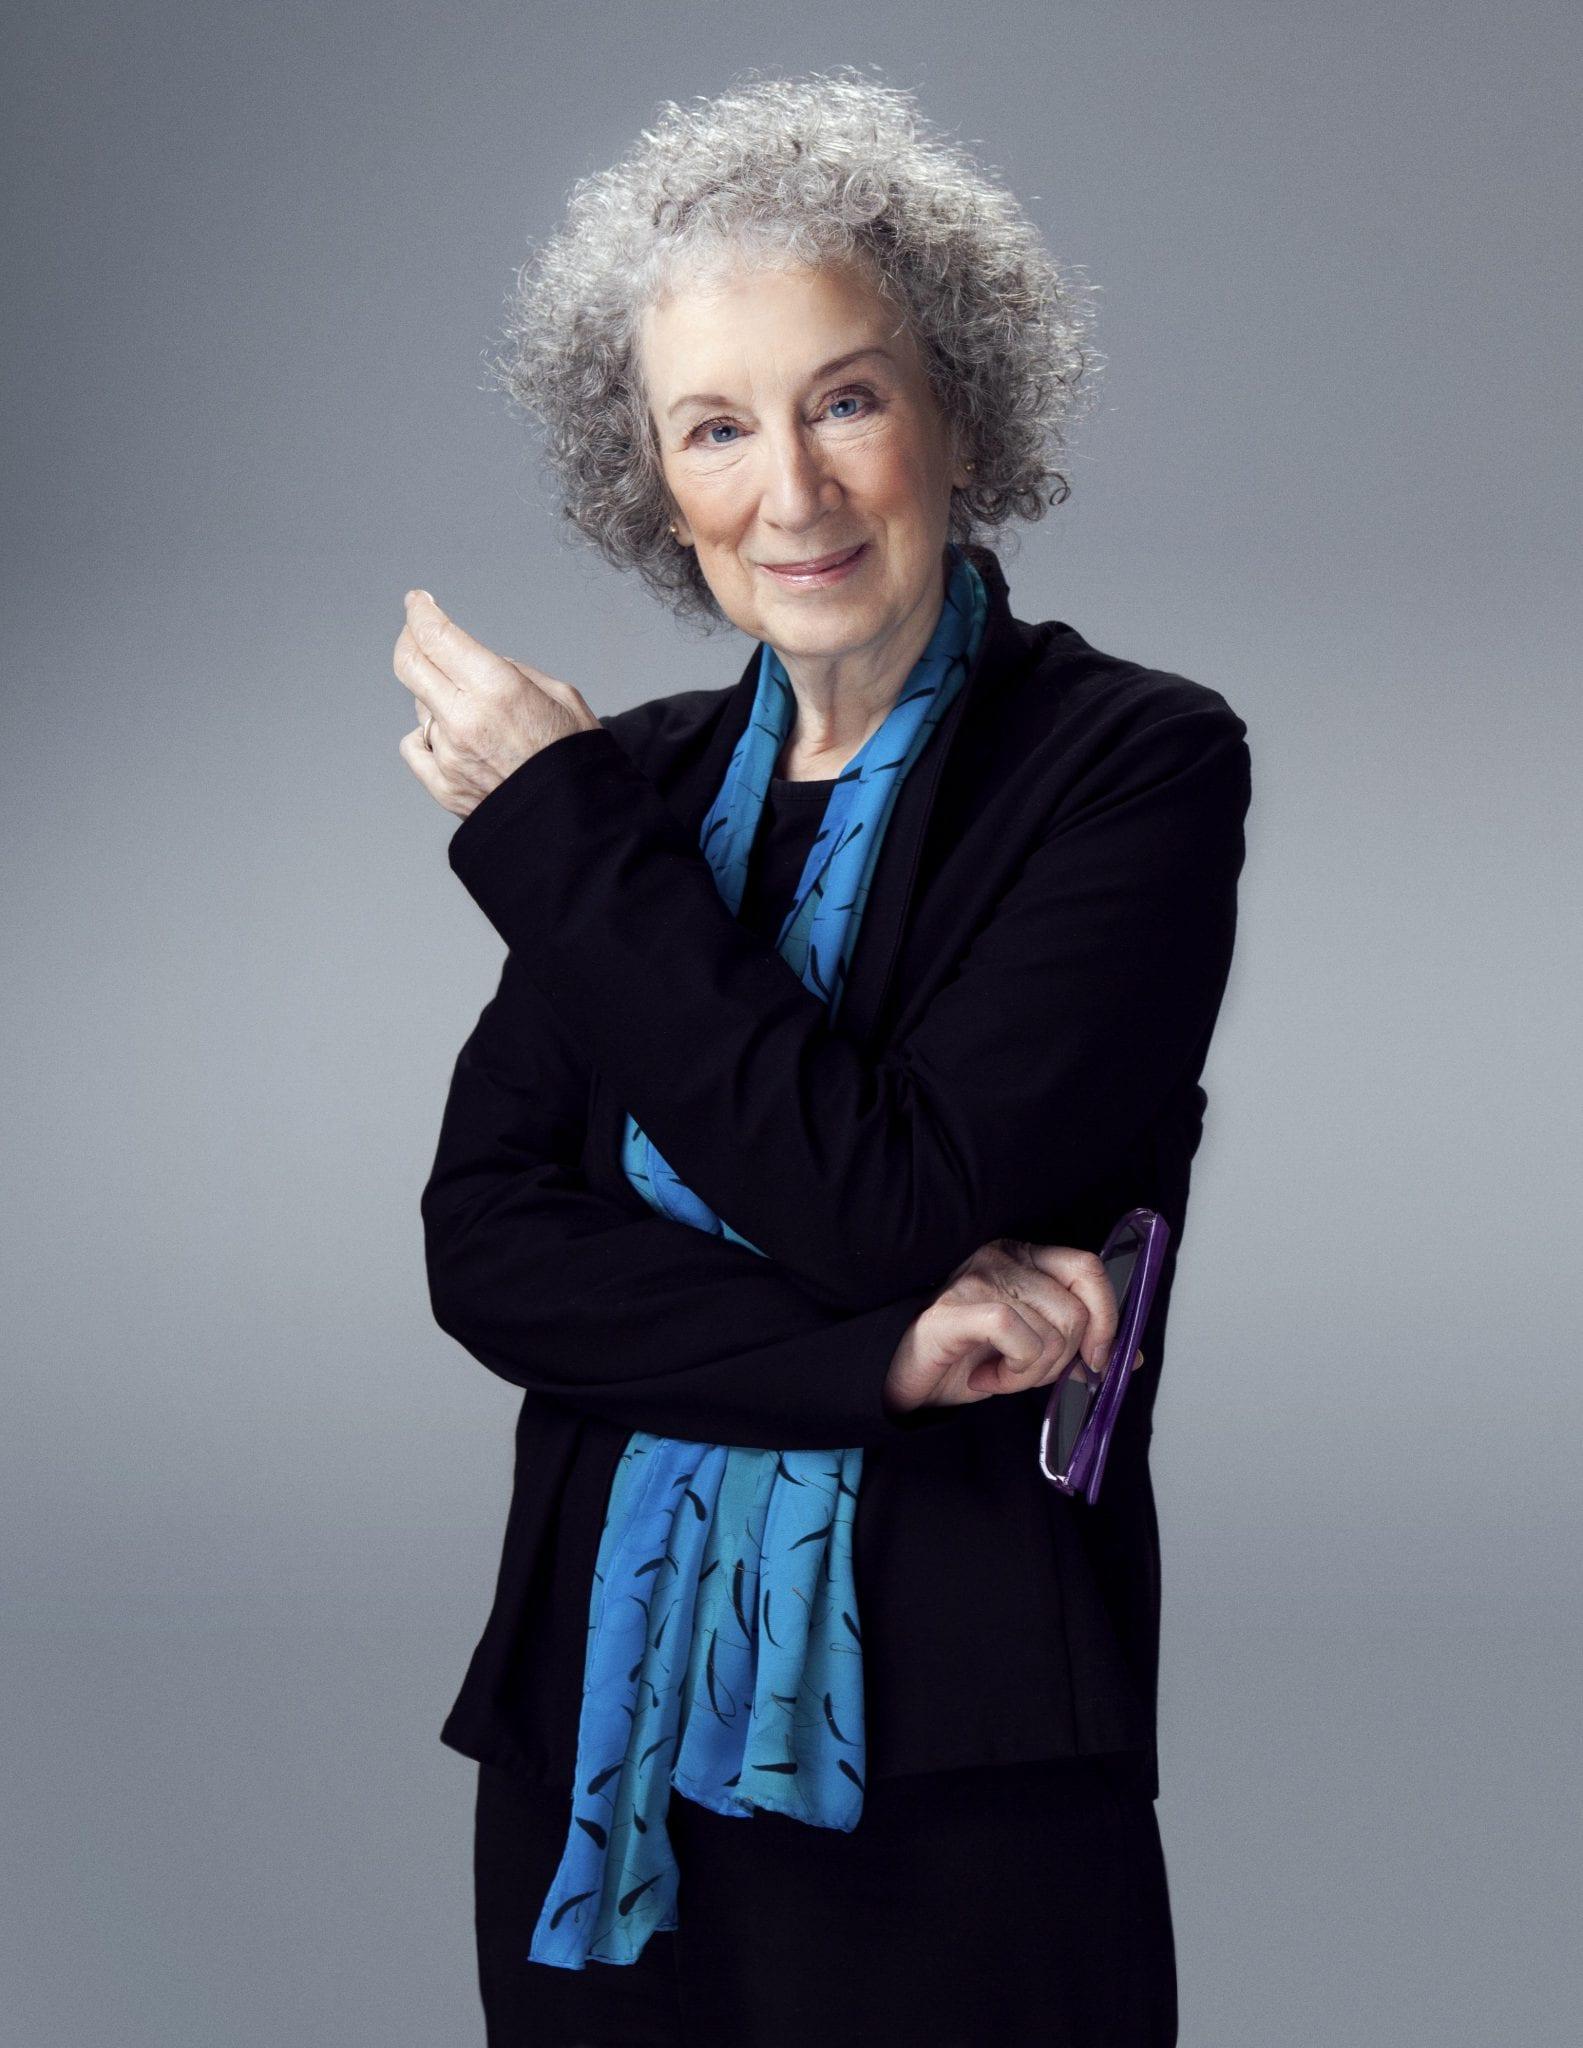 Margaret Atwood ontvangt Belle van Zuylenring